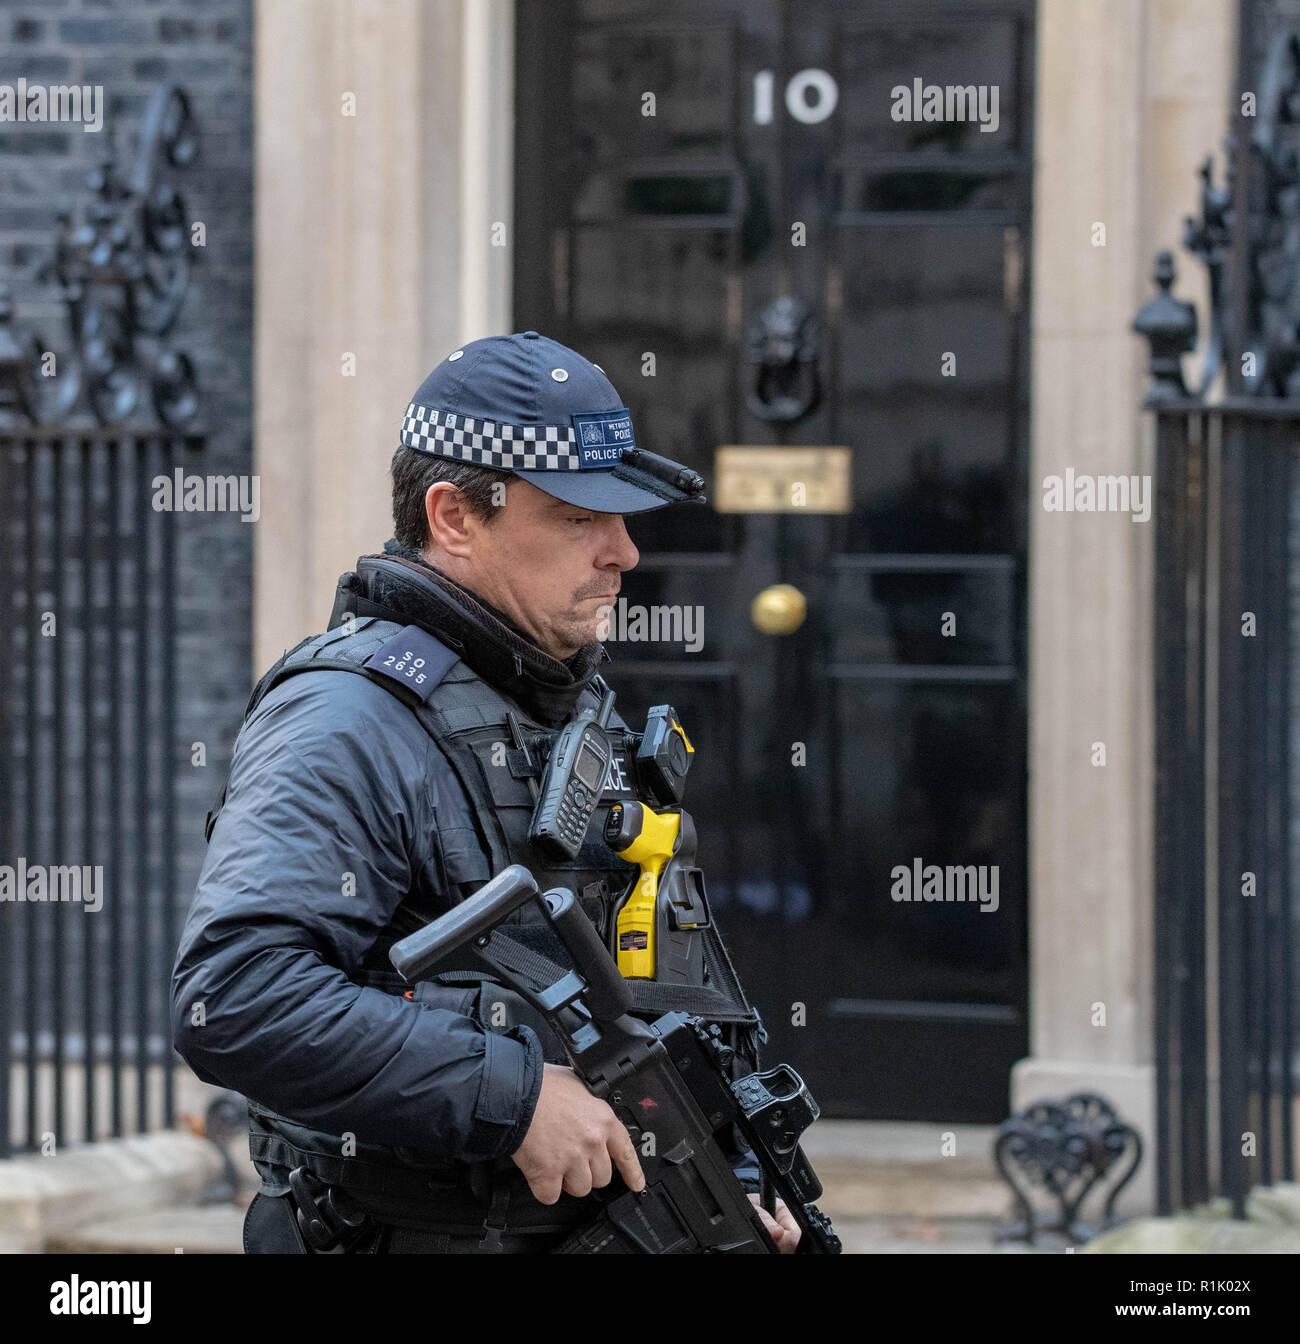 Londra, Regno Unito. 13 novembre 2018, un poliziotto armato di pattuglie al di fuori 10 Downing Street, Londra Credit Ian Davidson/Alamy Live News Foto Stock